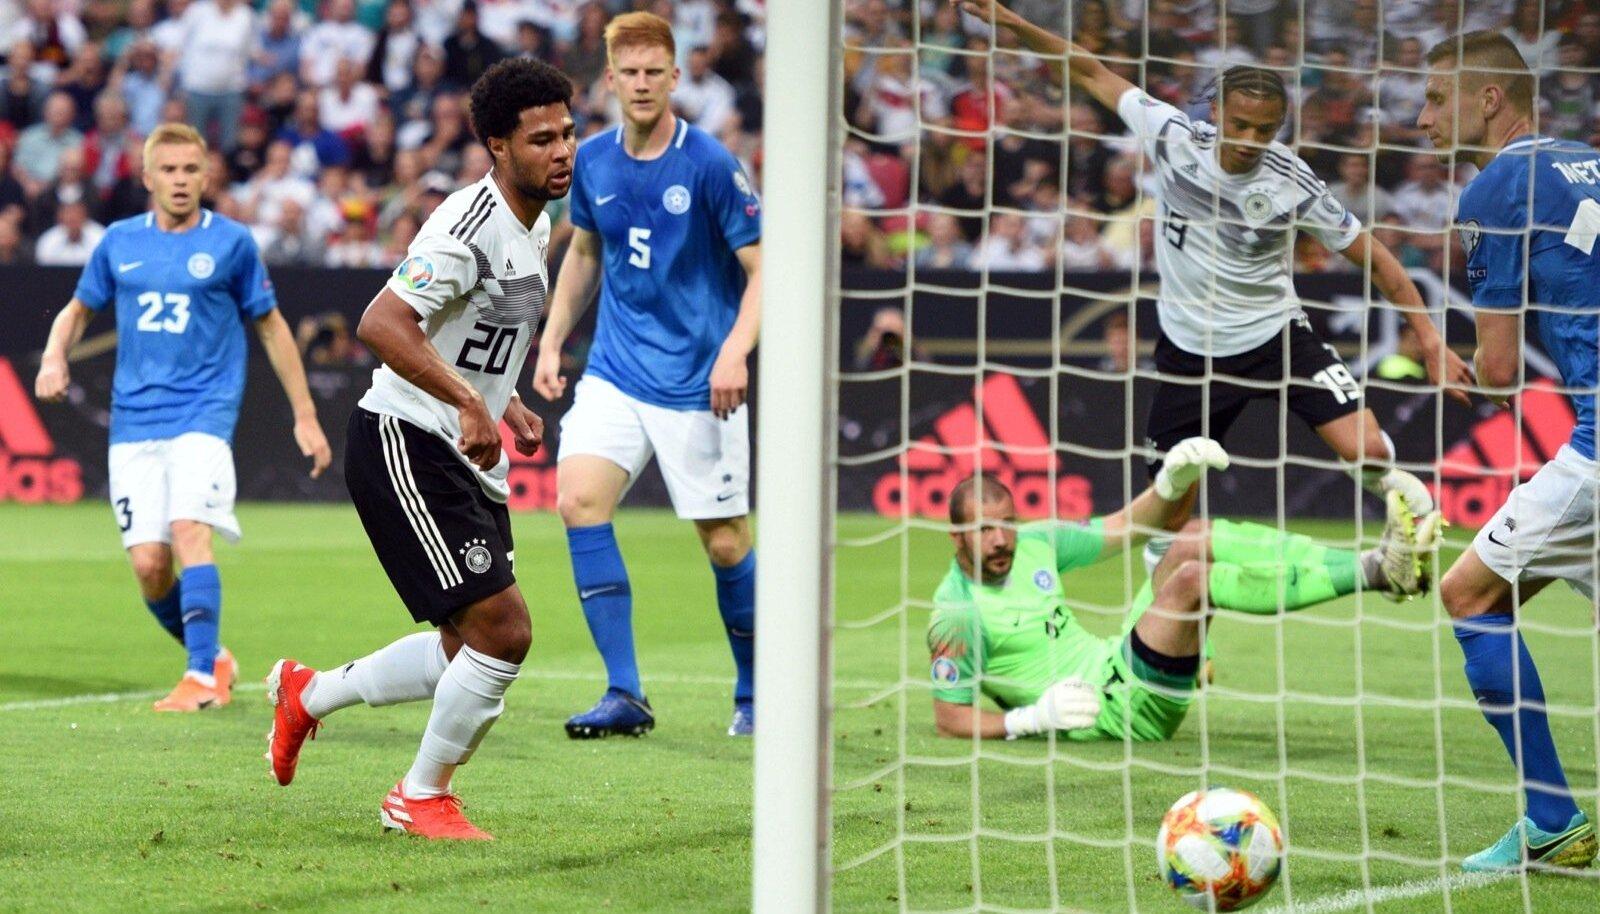 03503020d32 Eesti jalgpallikoondise probleemide üle juurdlemine läks rohkem hoogu, kui  kõik nägid, et sakslaste osavus oli eestlaste jaoks ilmselgelt liiast.